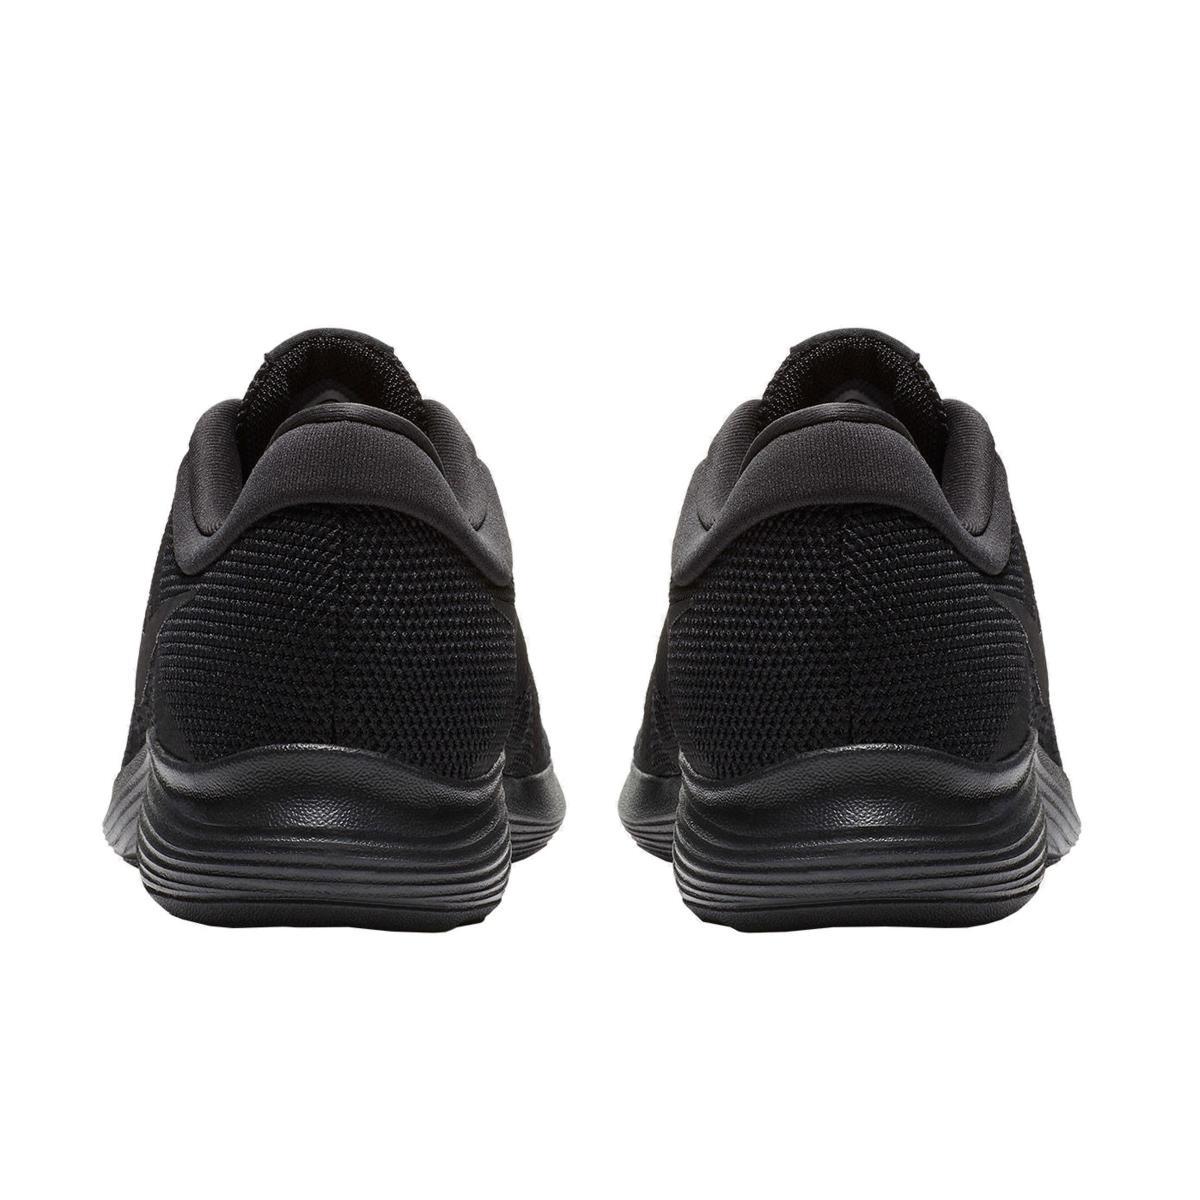 Scarpe Sneakers Running Nike Revolution 4 M da Uomo Rif. AJ3490-002